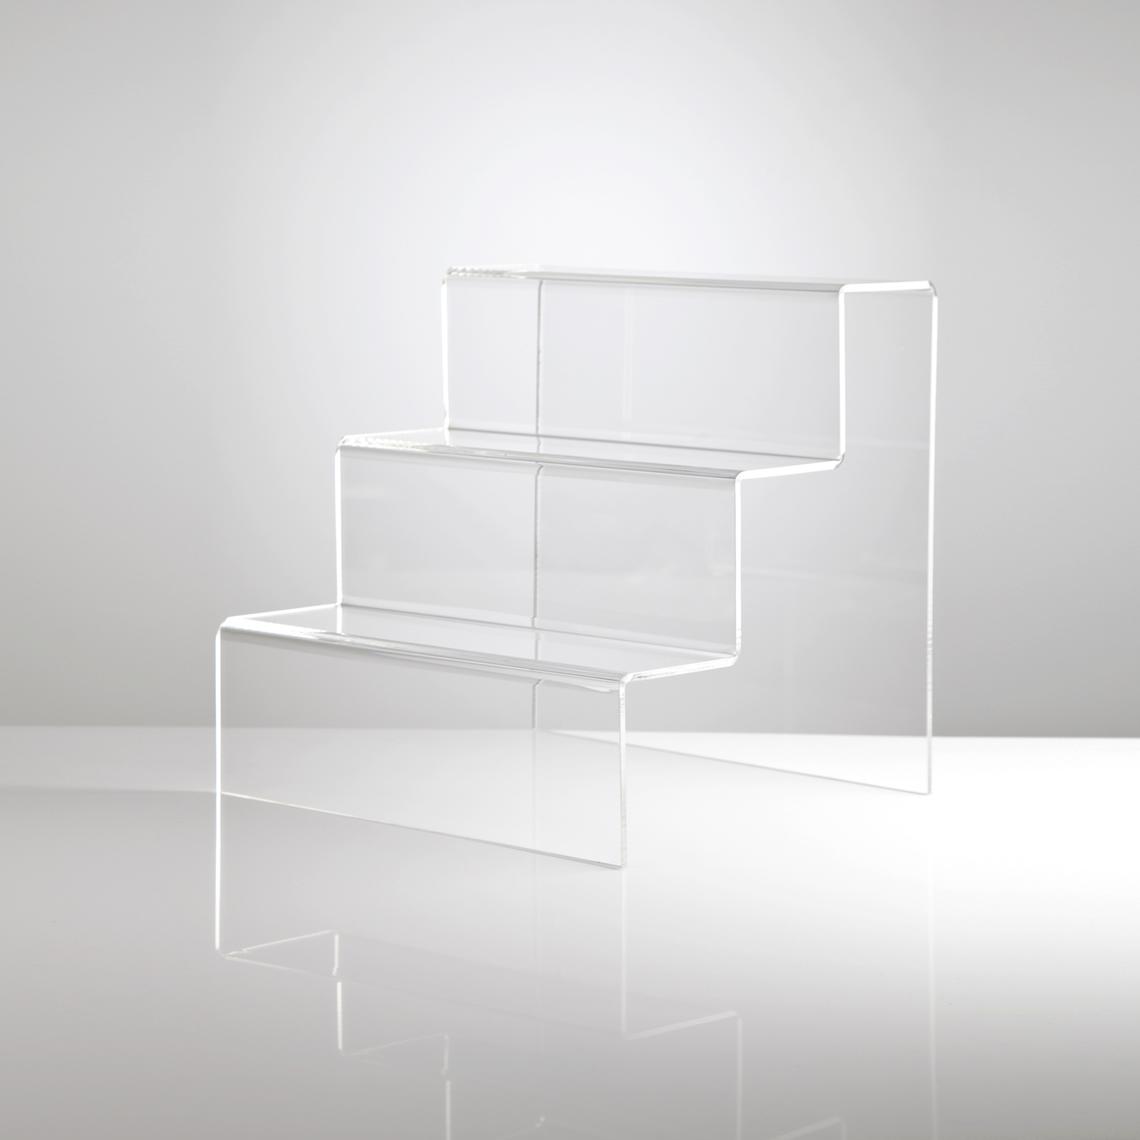 บันได อะคริลิค โชว์สินค้า 30x25x25cm (สั่งผลิตเท่านั้น ขั้นต่ำ 10 ชิ้น)